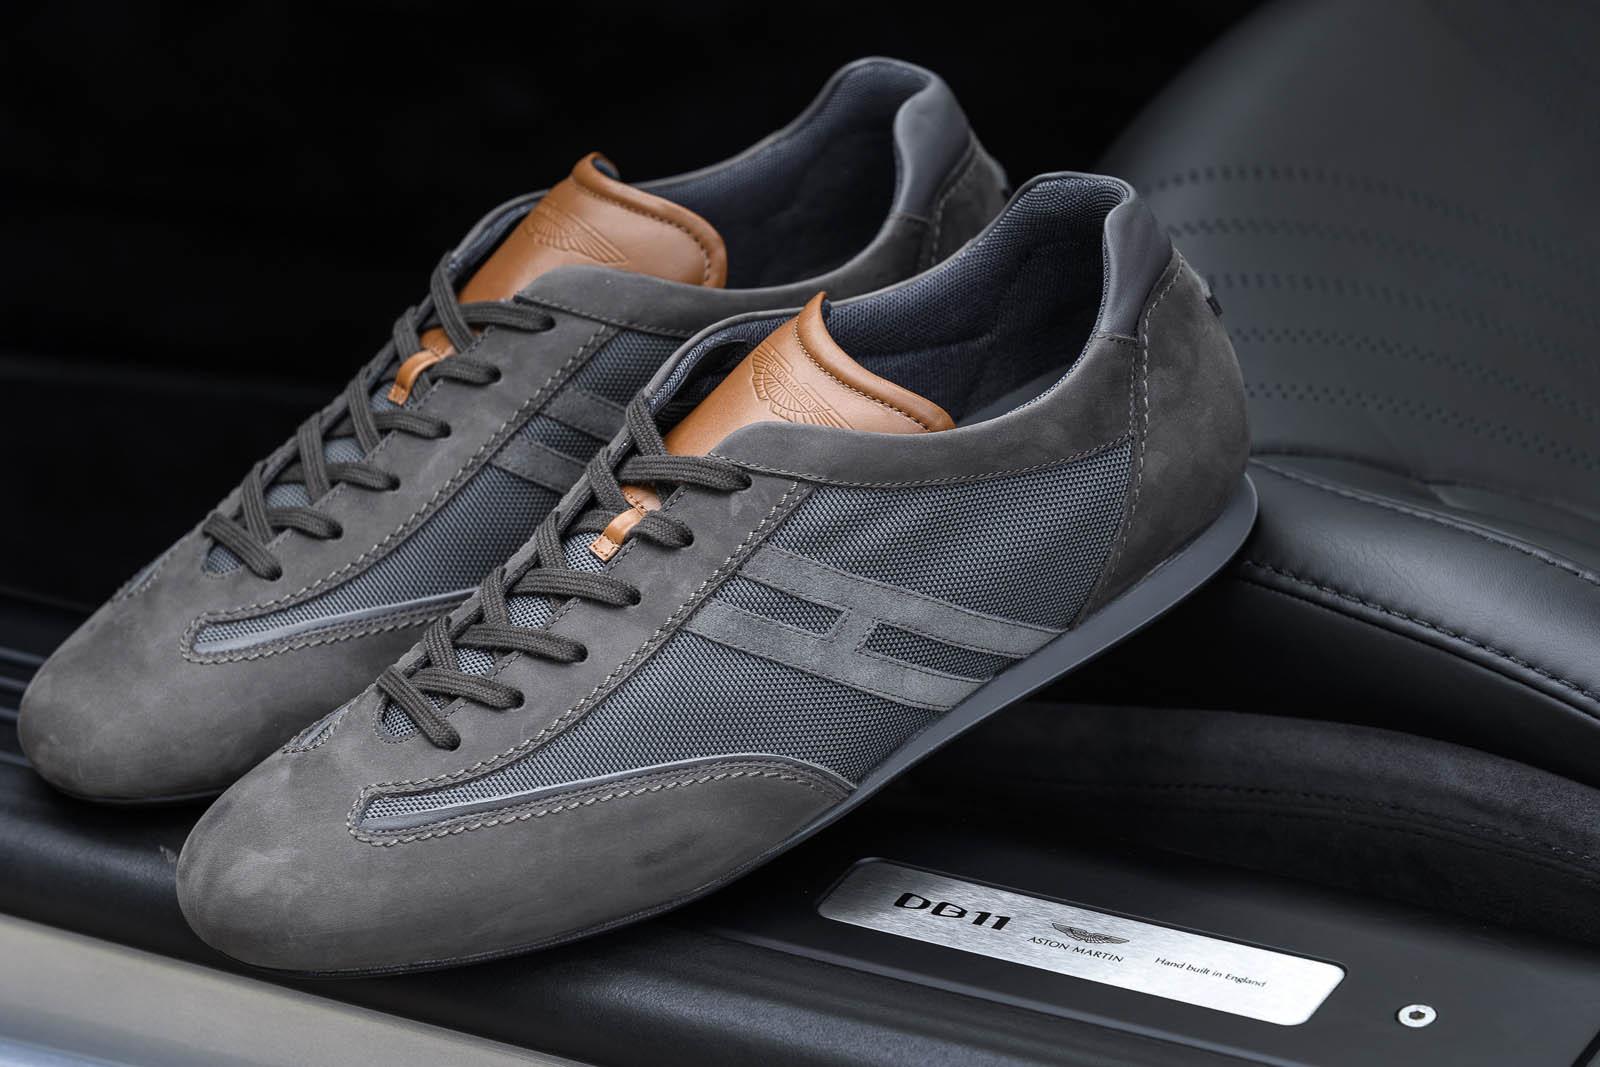 Астон Мартин презентовал коллекцию спортивной обуви